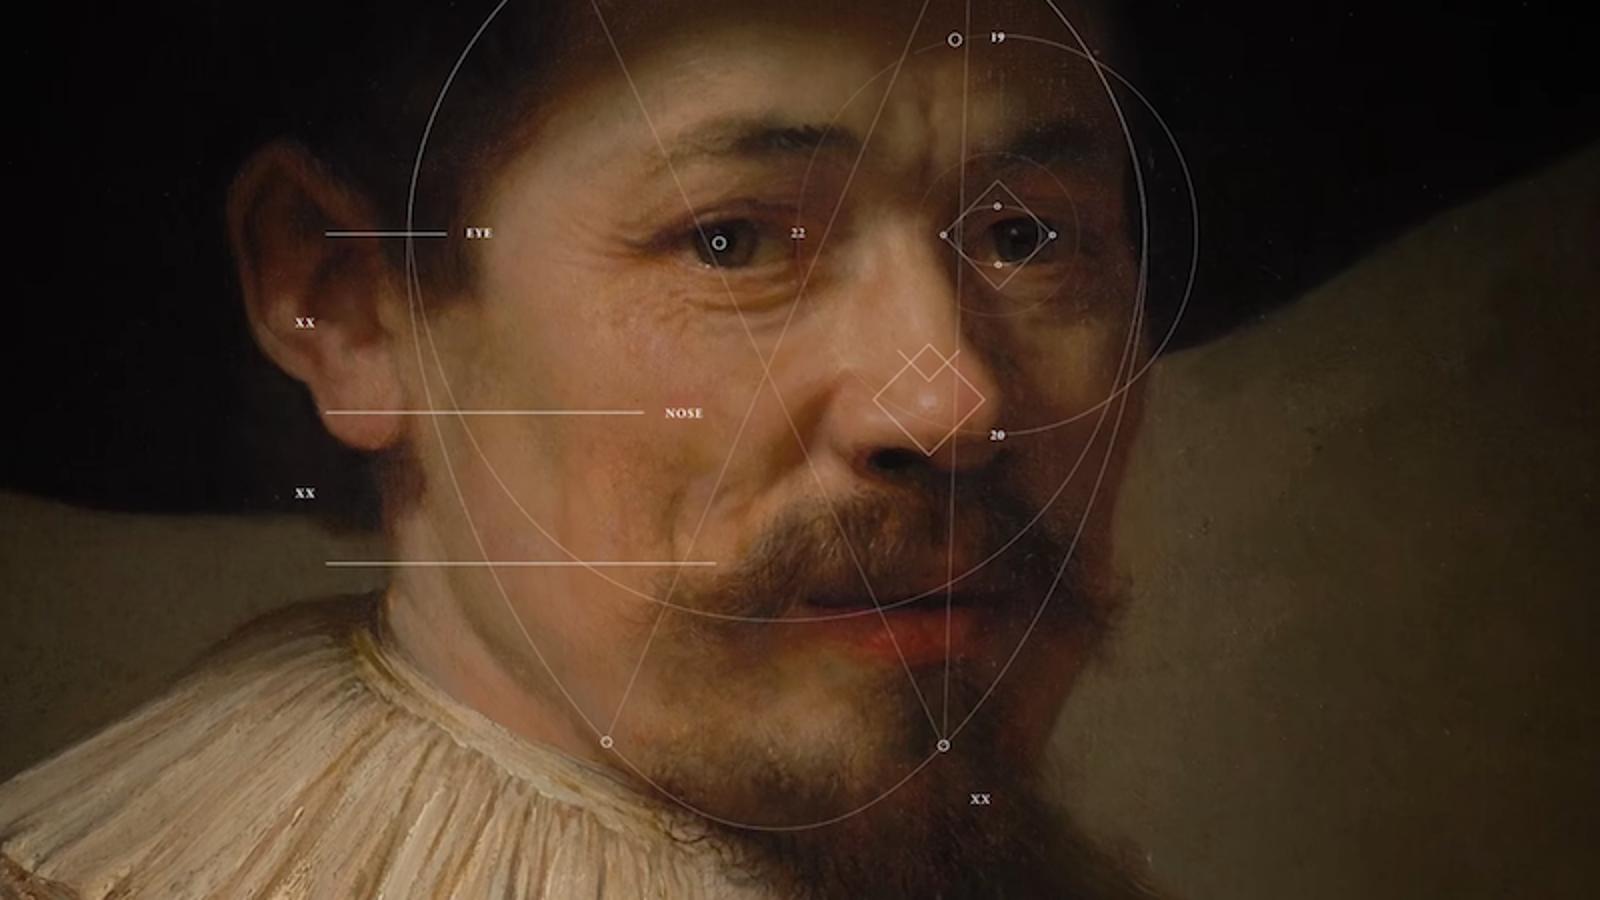 Una inteligencia artificial pinta un nuevo cuadro de Rembrandt tras estudiar toda su obra